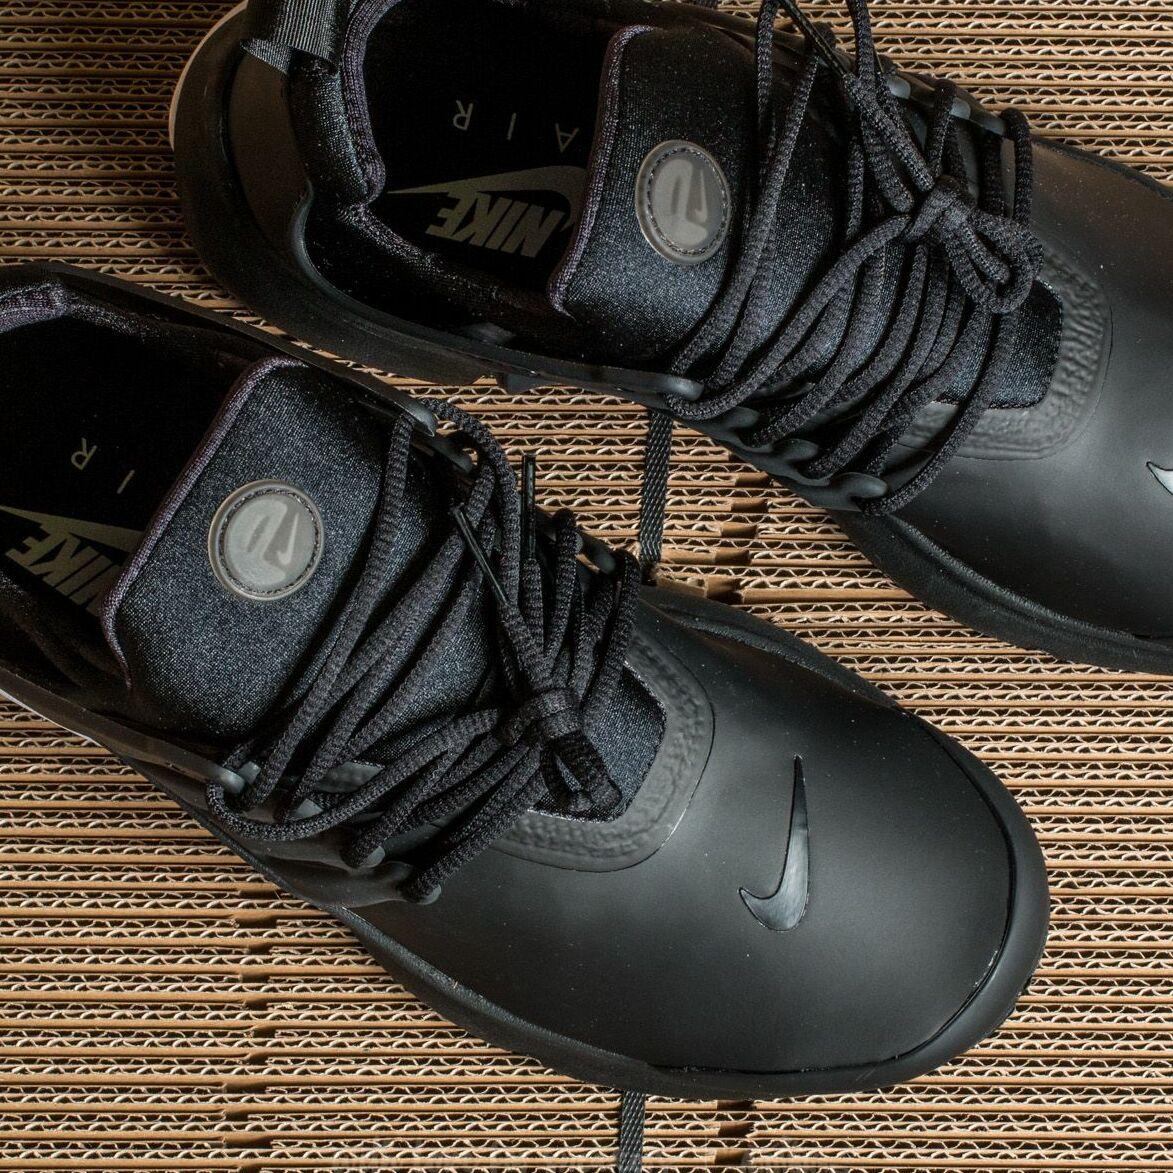 Nike Air Presto Low Utility Black/ White EUR 42.5